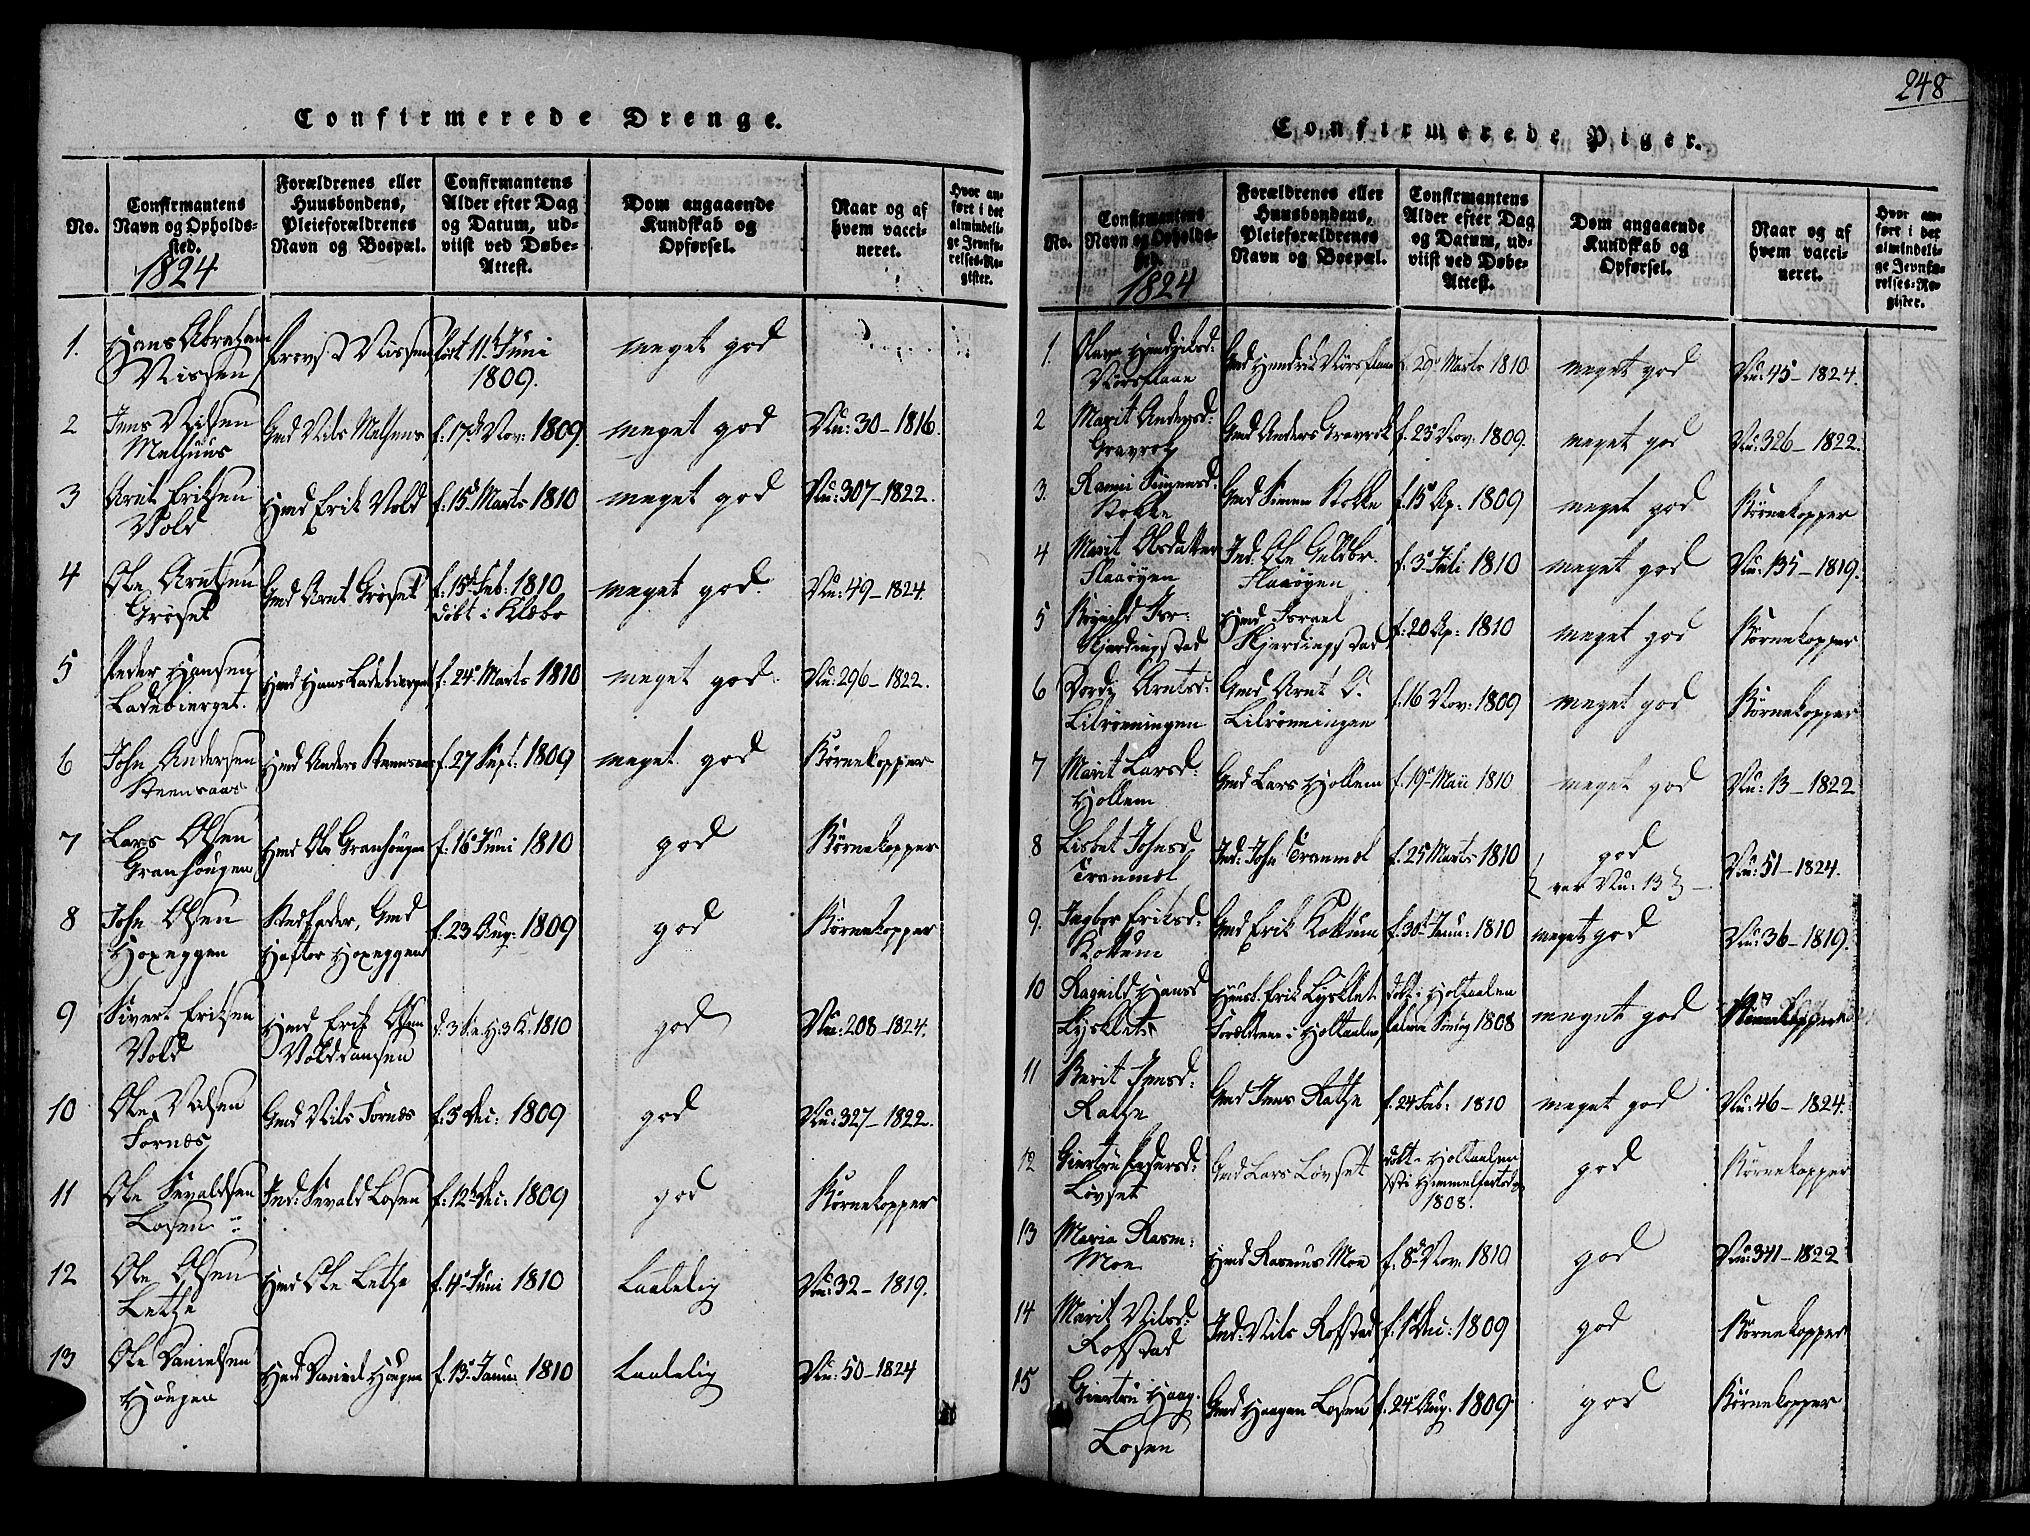 SAT, Ministerialprotokoller, klokkerbøker og fødselsregistre - Sør-Trøndelag, 691/L1065: Ministerialbok nr. 691A03 /1, 1816-1826, s. 248